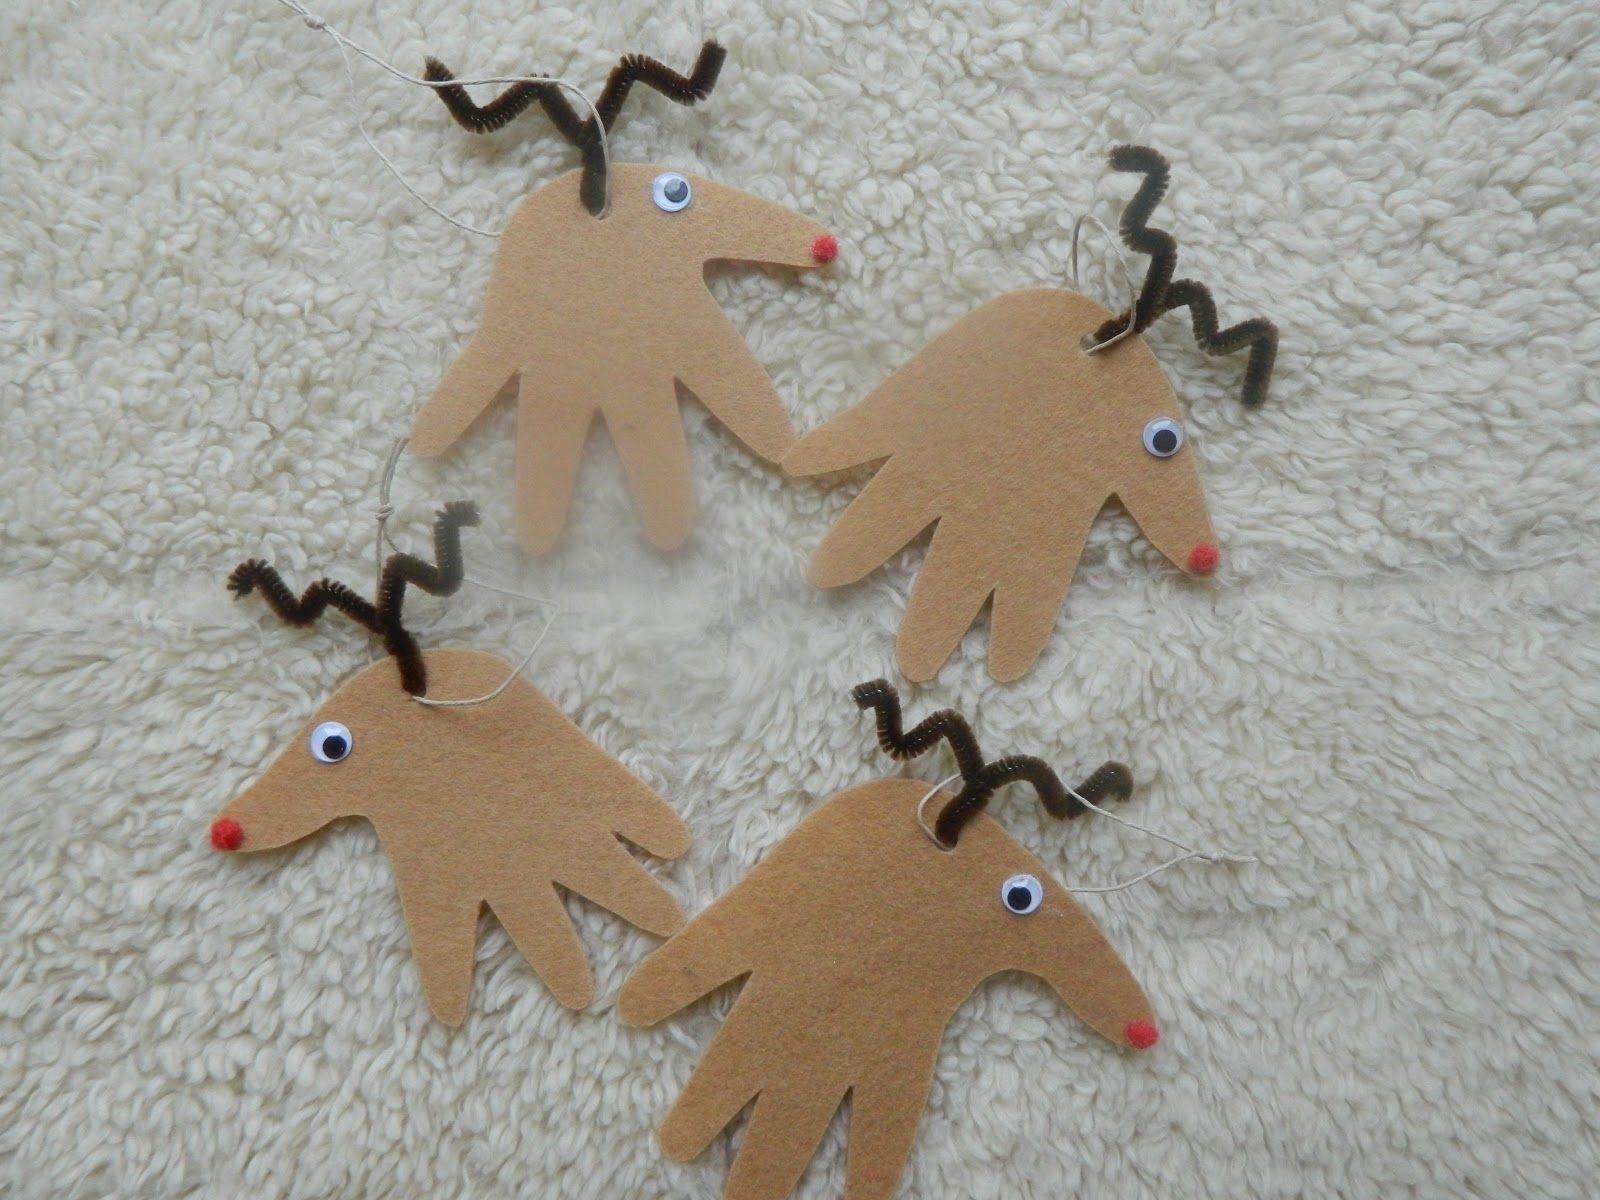 Pin by Susan Vignuolo on Christmas